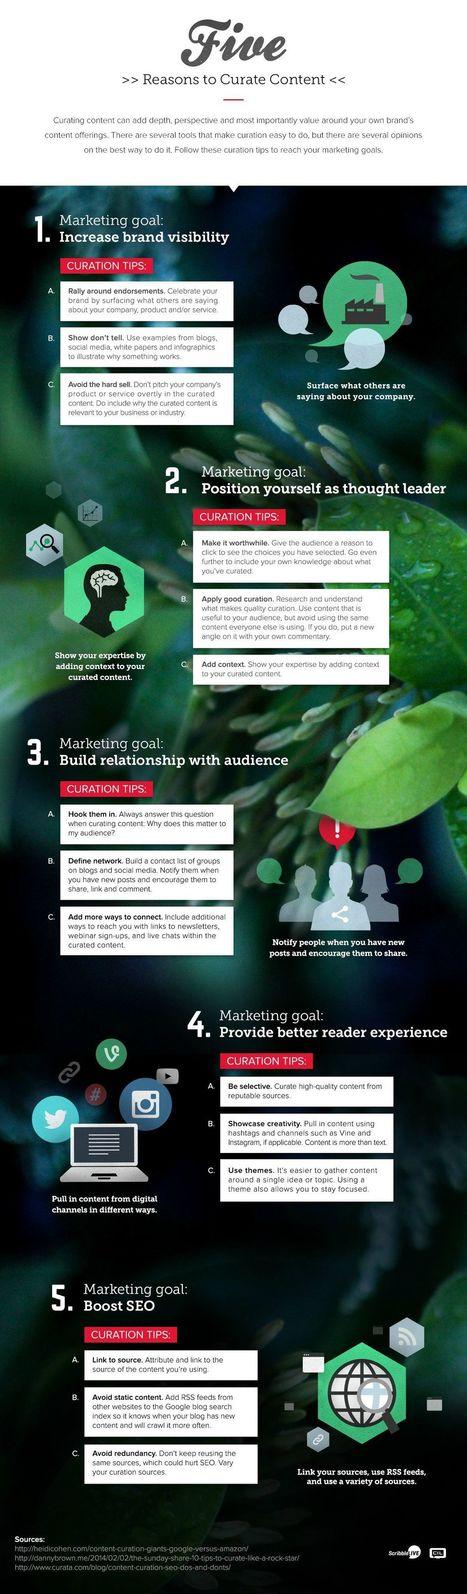 Curation de contenus : 5 bonnes raisons de pratiquer pour influencer | La Curation, avenir du web ? | Scoop.it